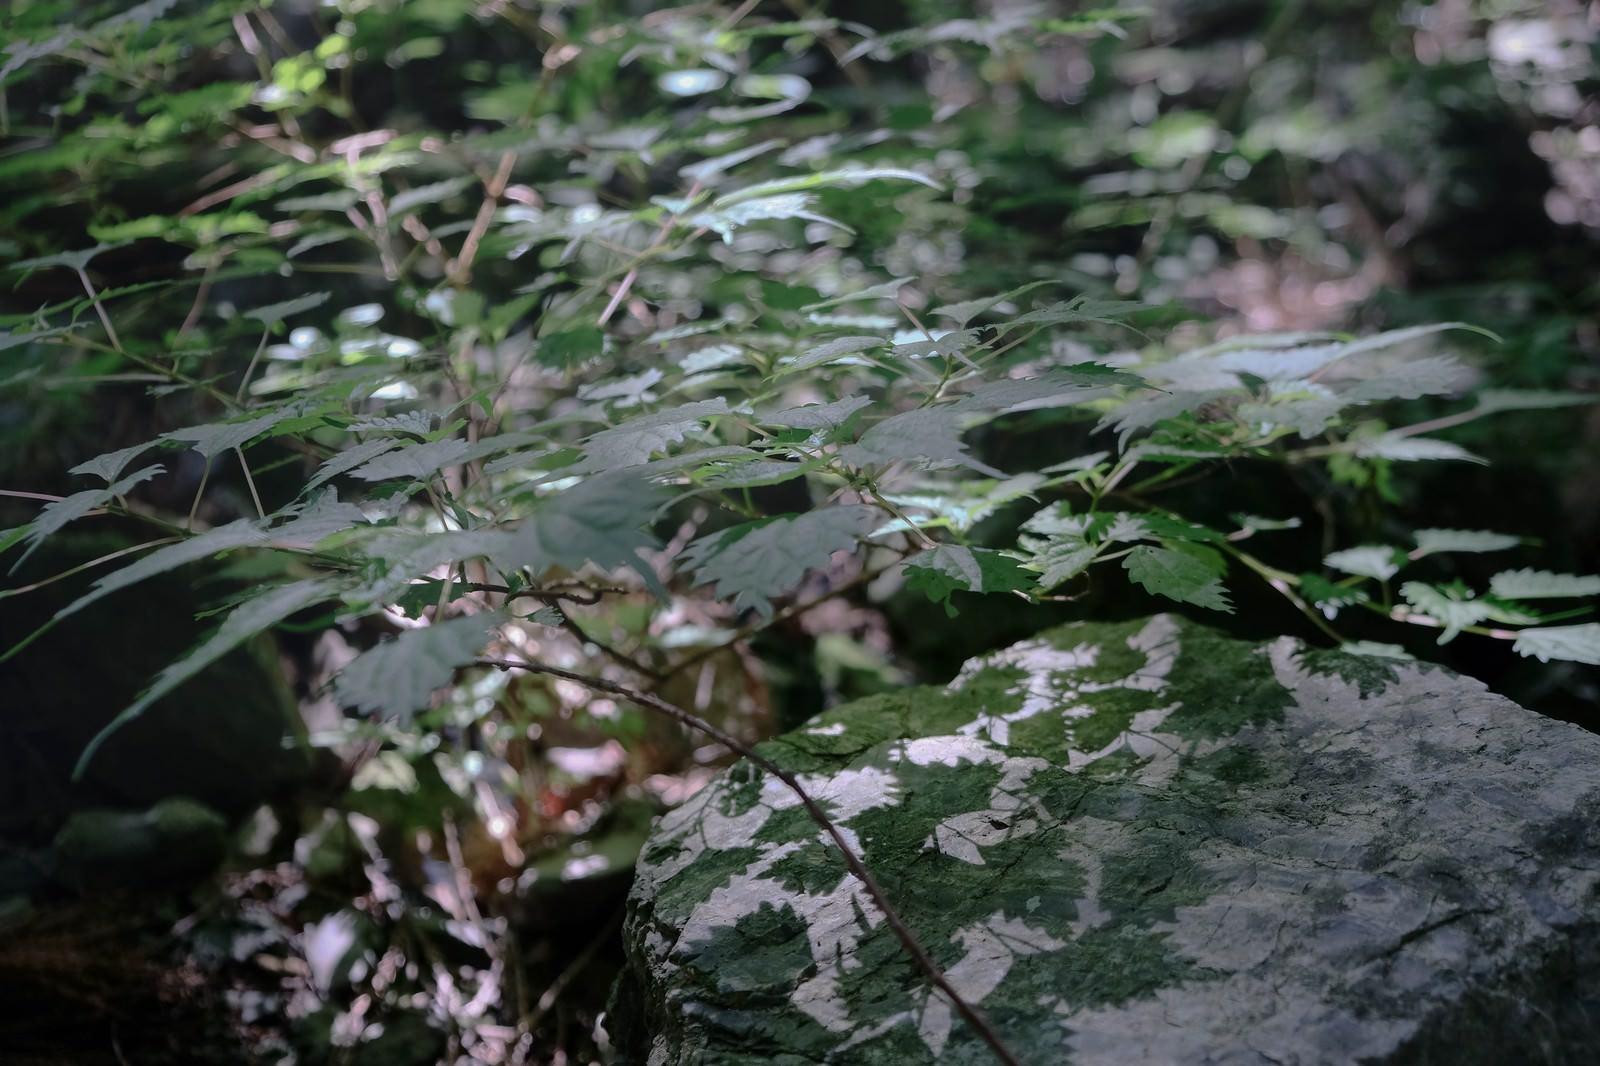 「朝日が描く緑の影朝日が描く緑の影」のフリー写真素材を拡大